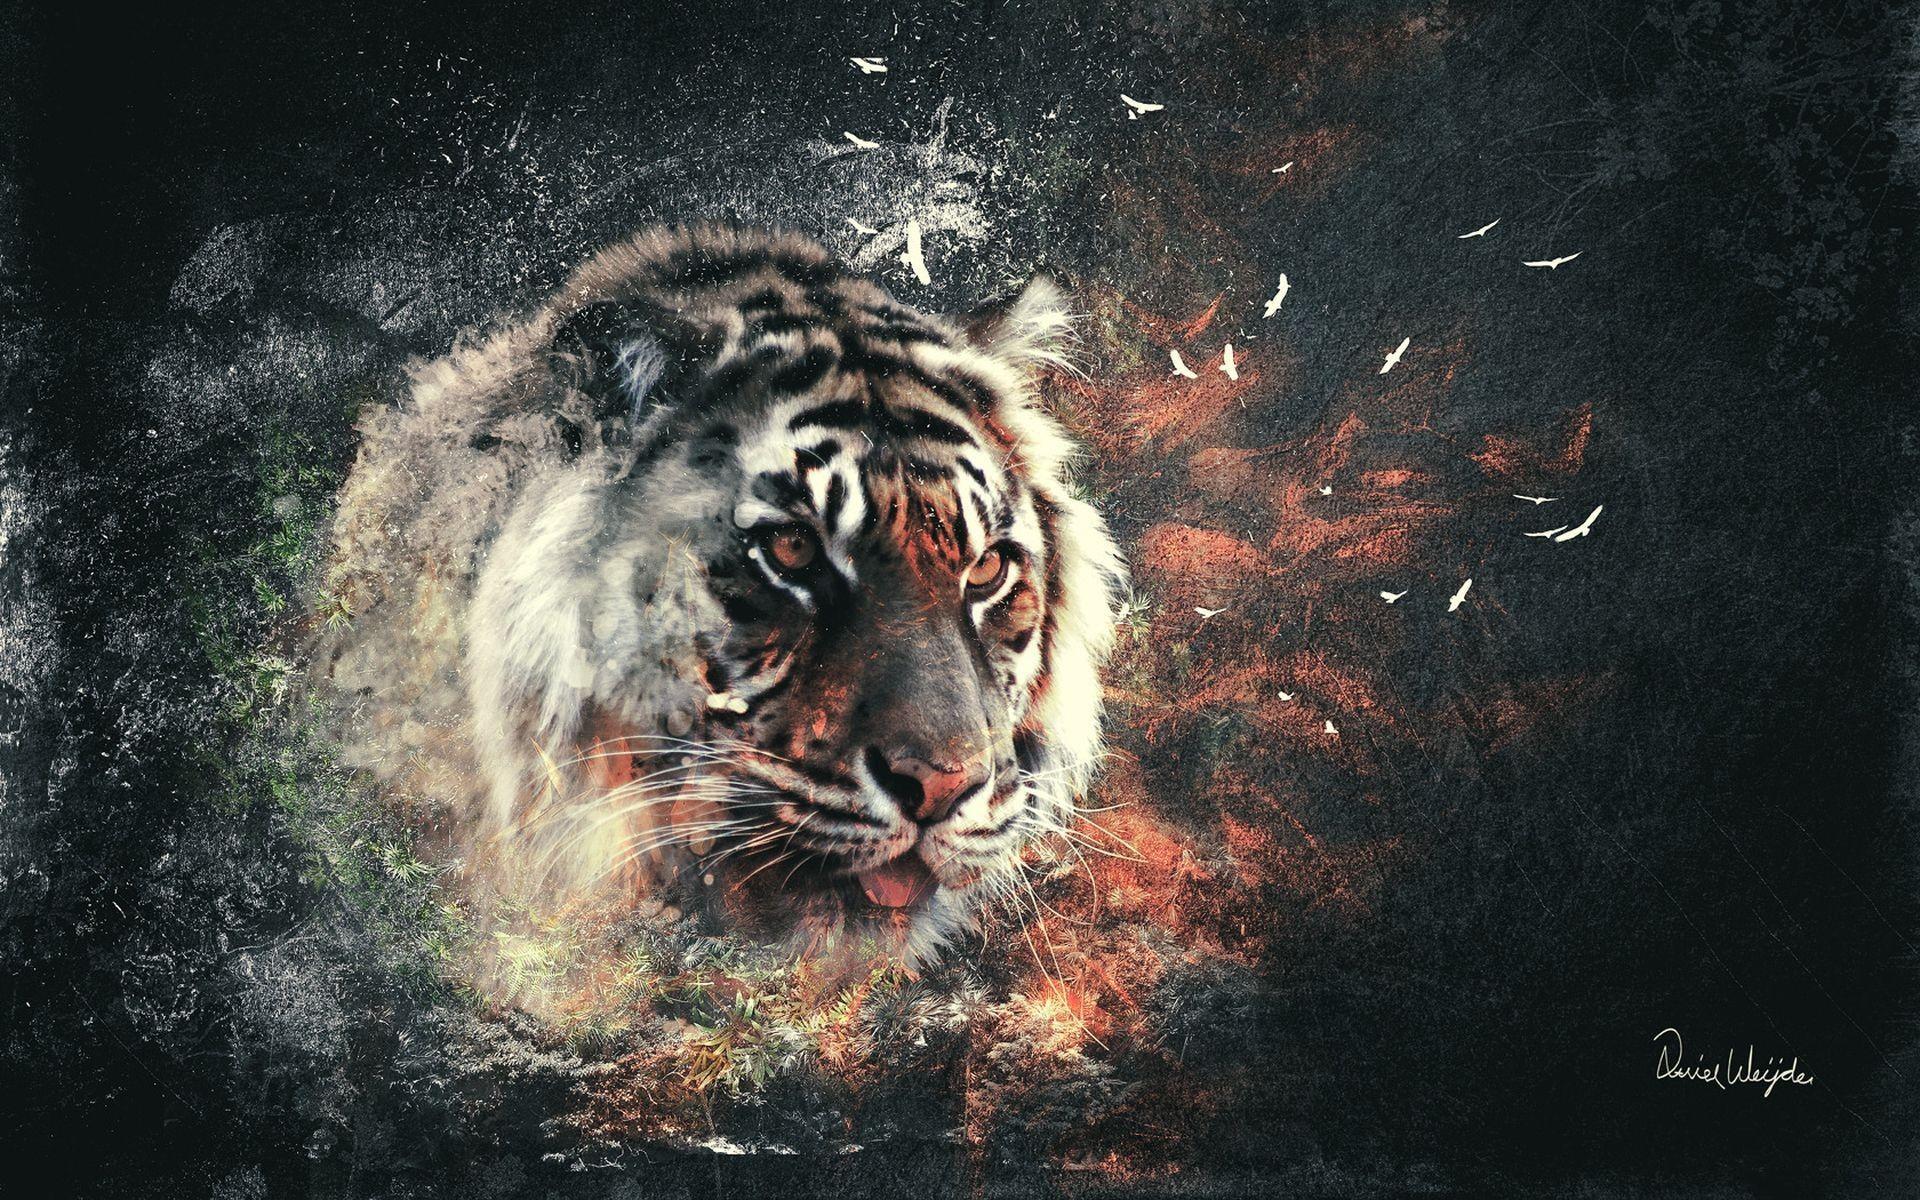 Tiger Art, Best Wallpaper